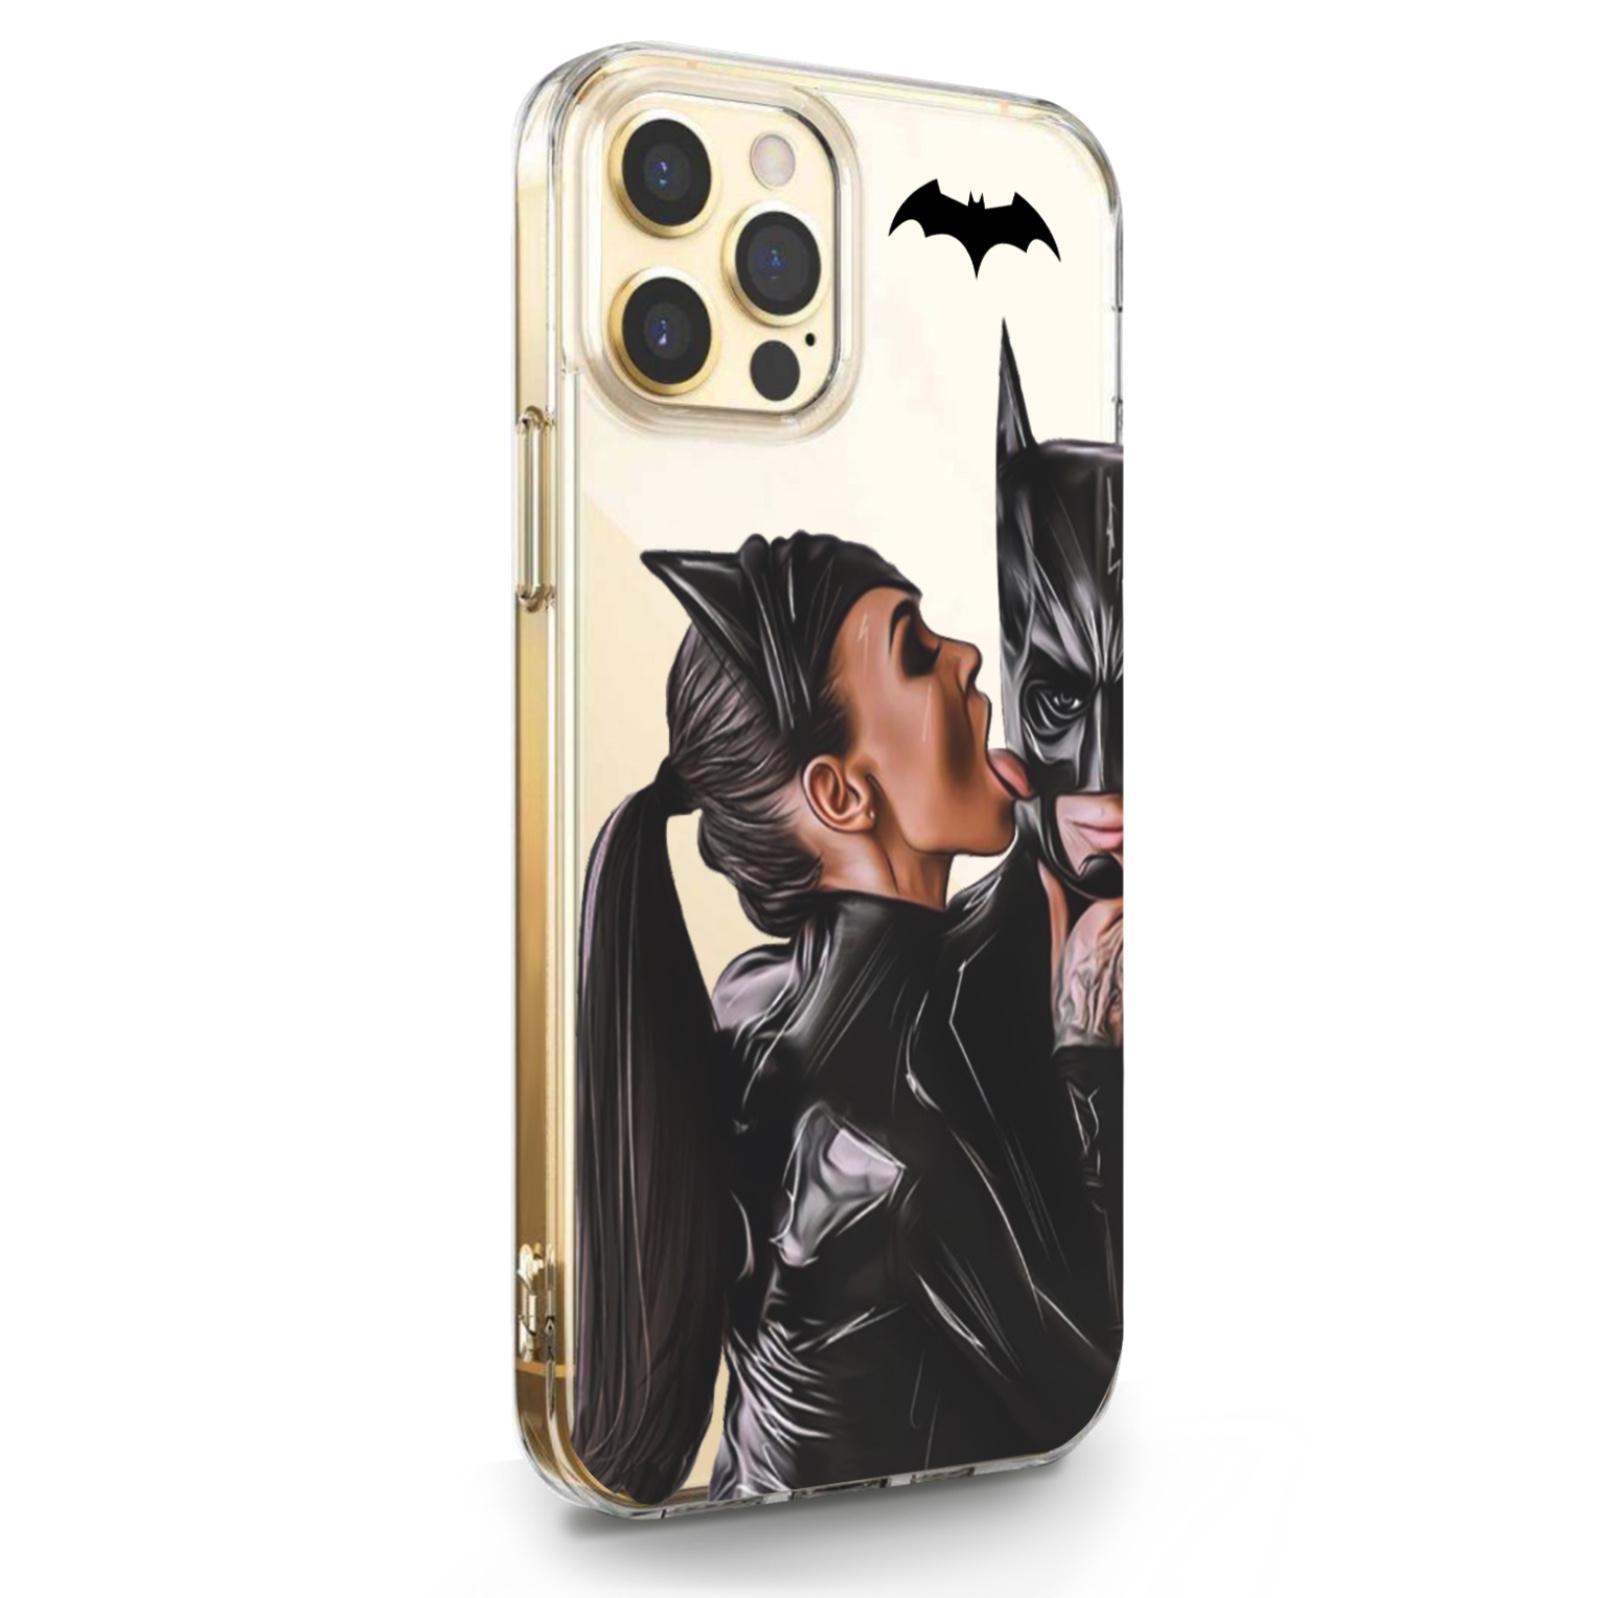 Прозрачный силиконовый чехол для iPhone 12/12 Pro Cat Woman/ Женщина кошка Брюнетка для Айфон 12/12 Про